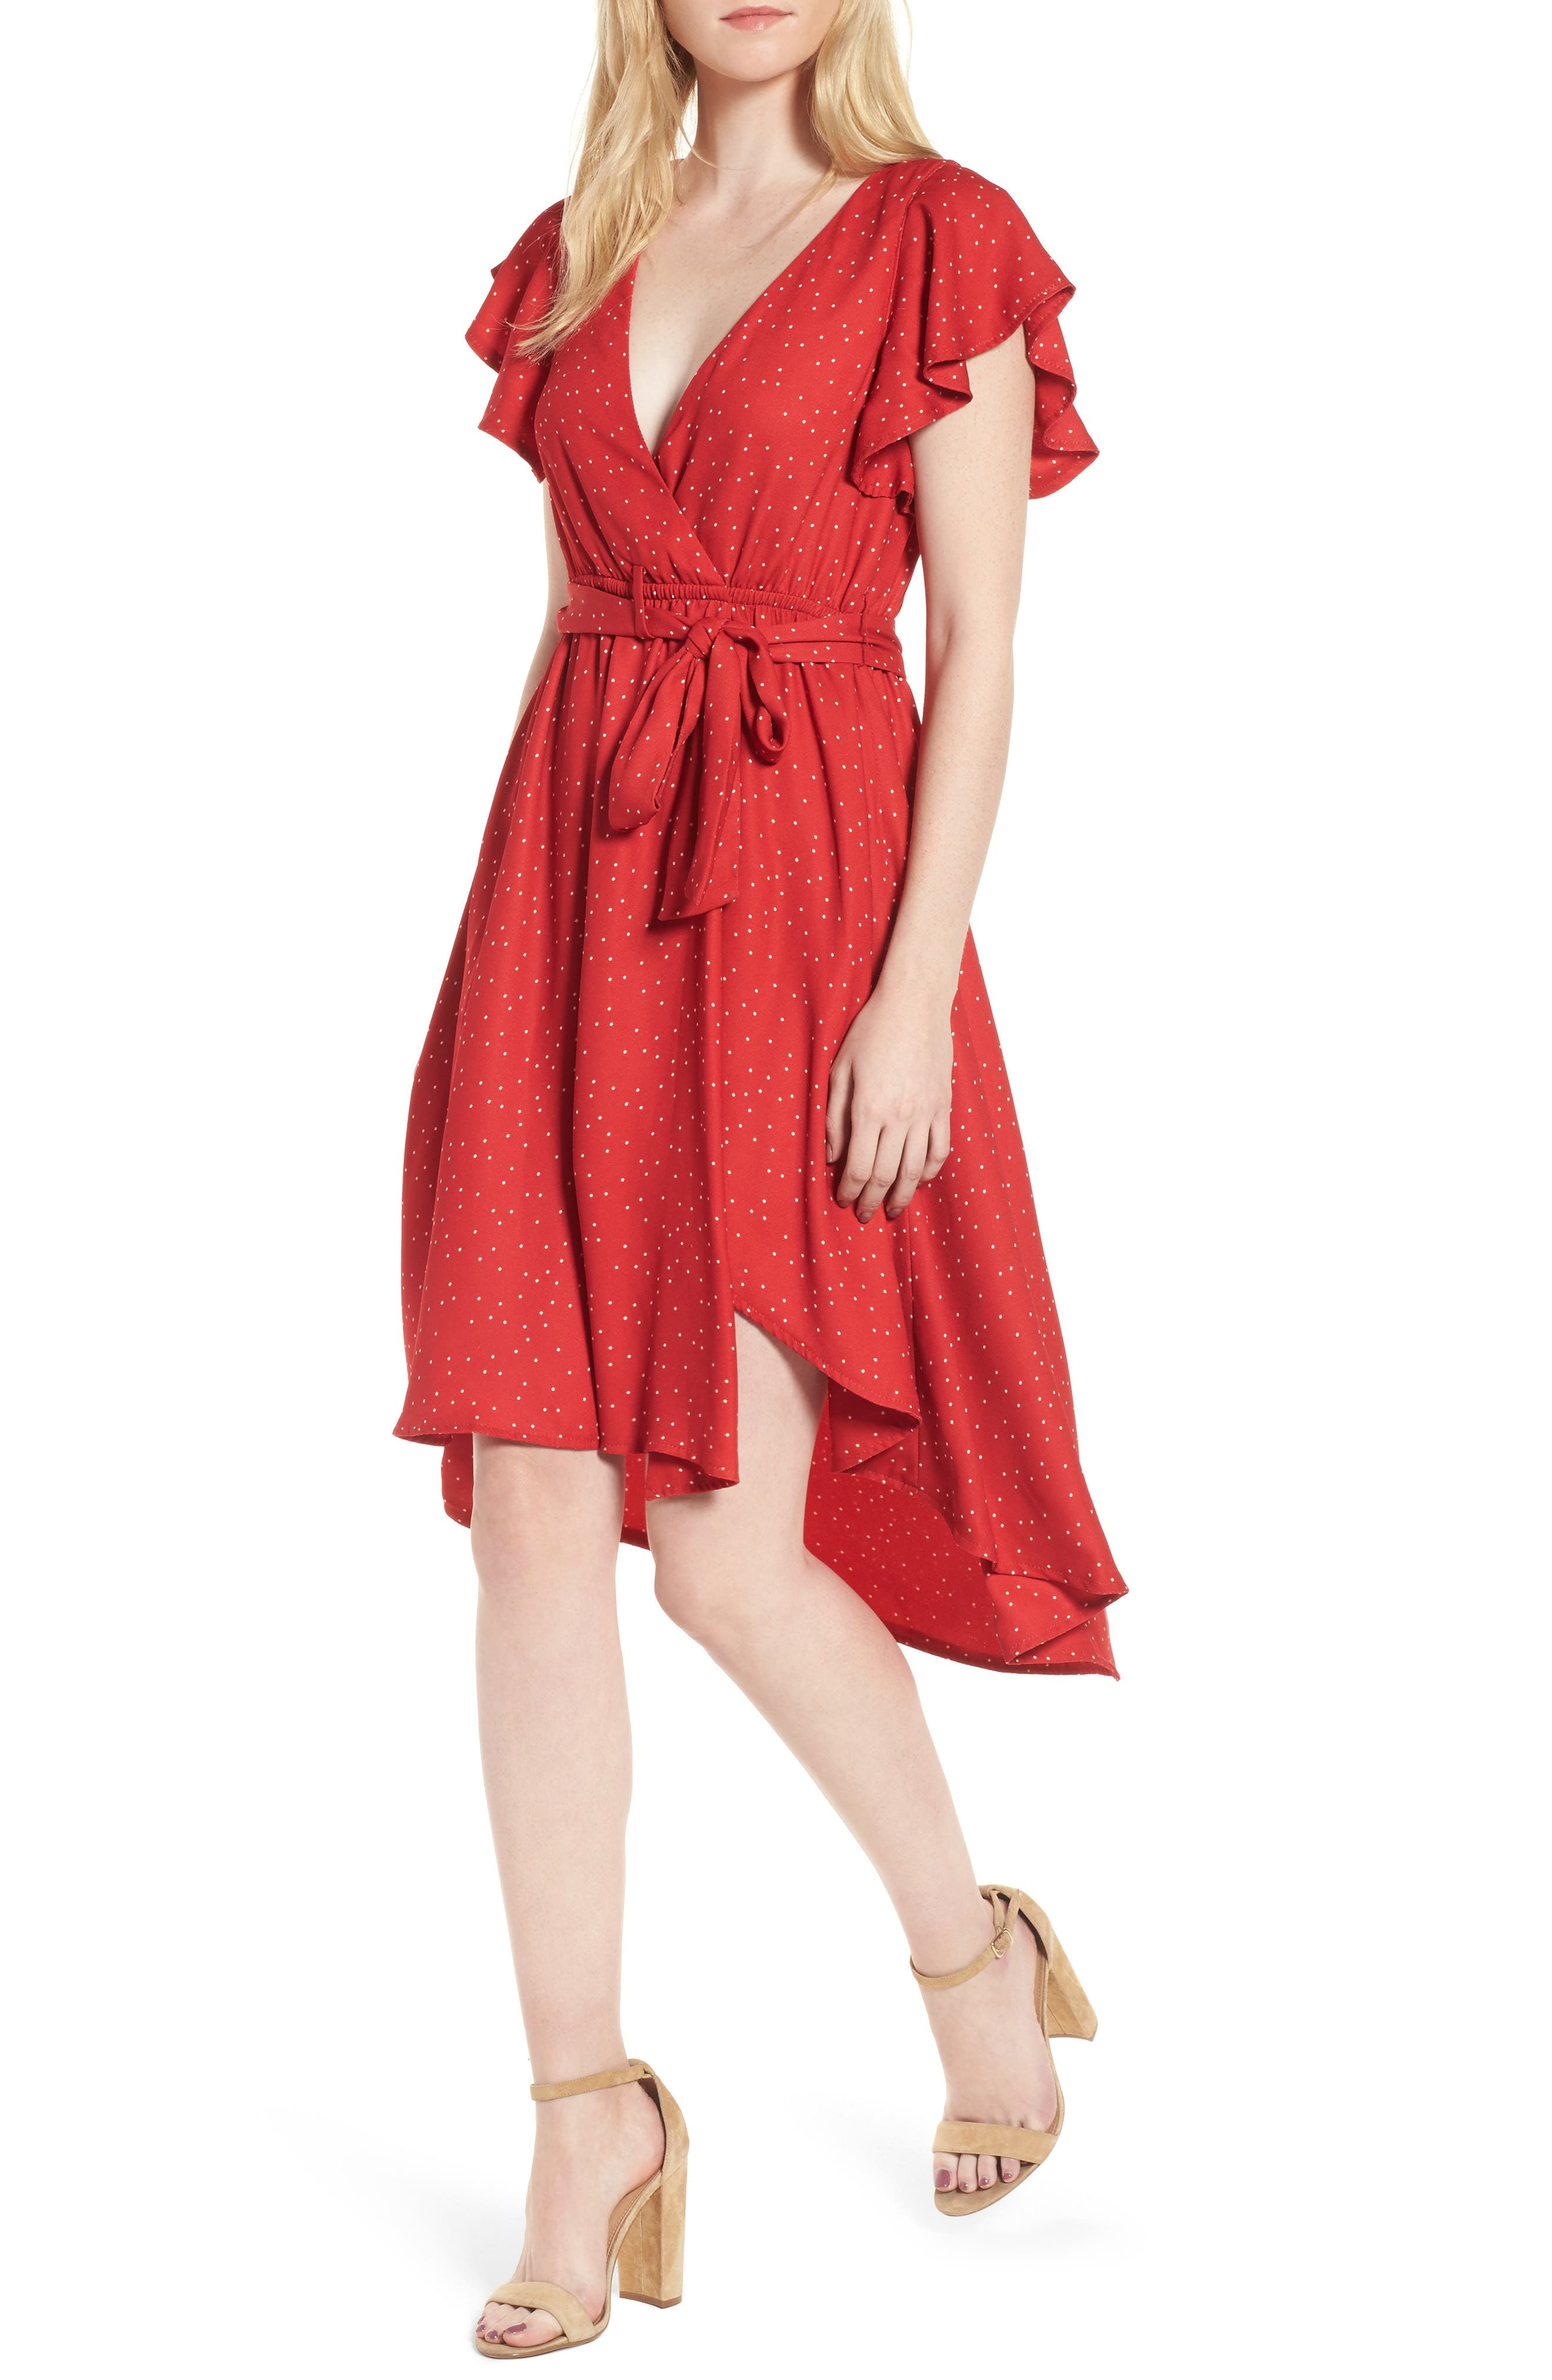 Main Image - McGuire Bassinger Faux Wrap High/Low Dress